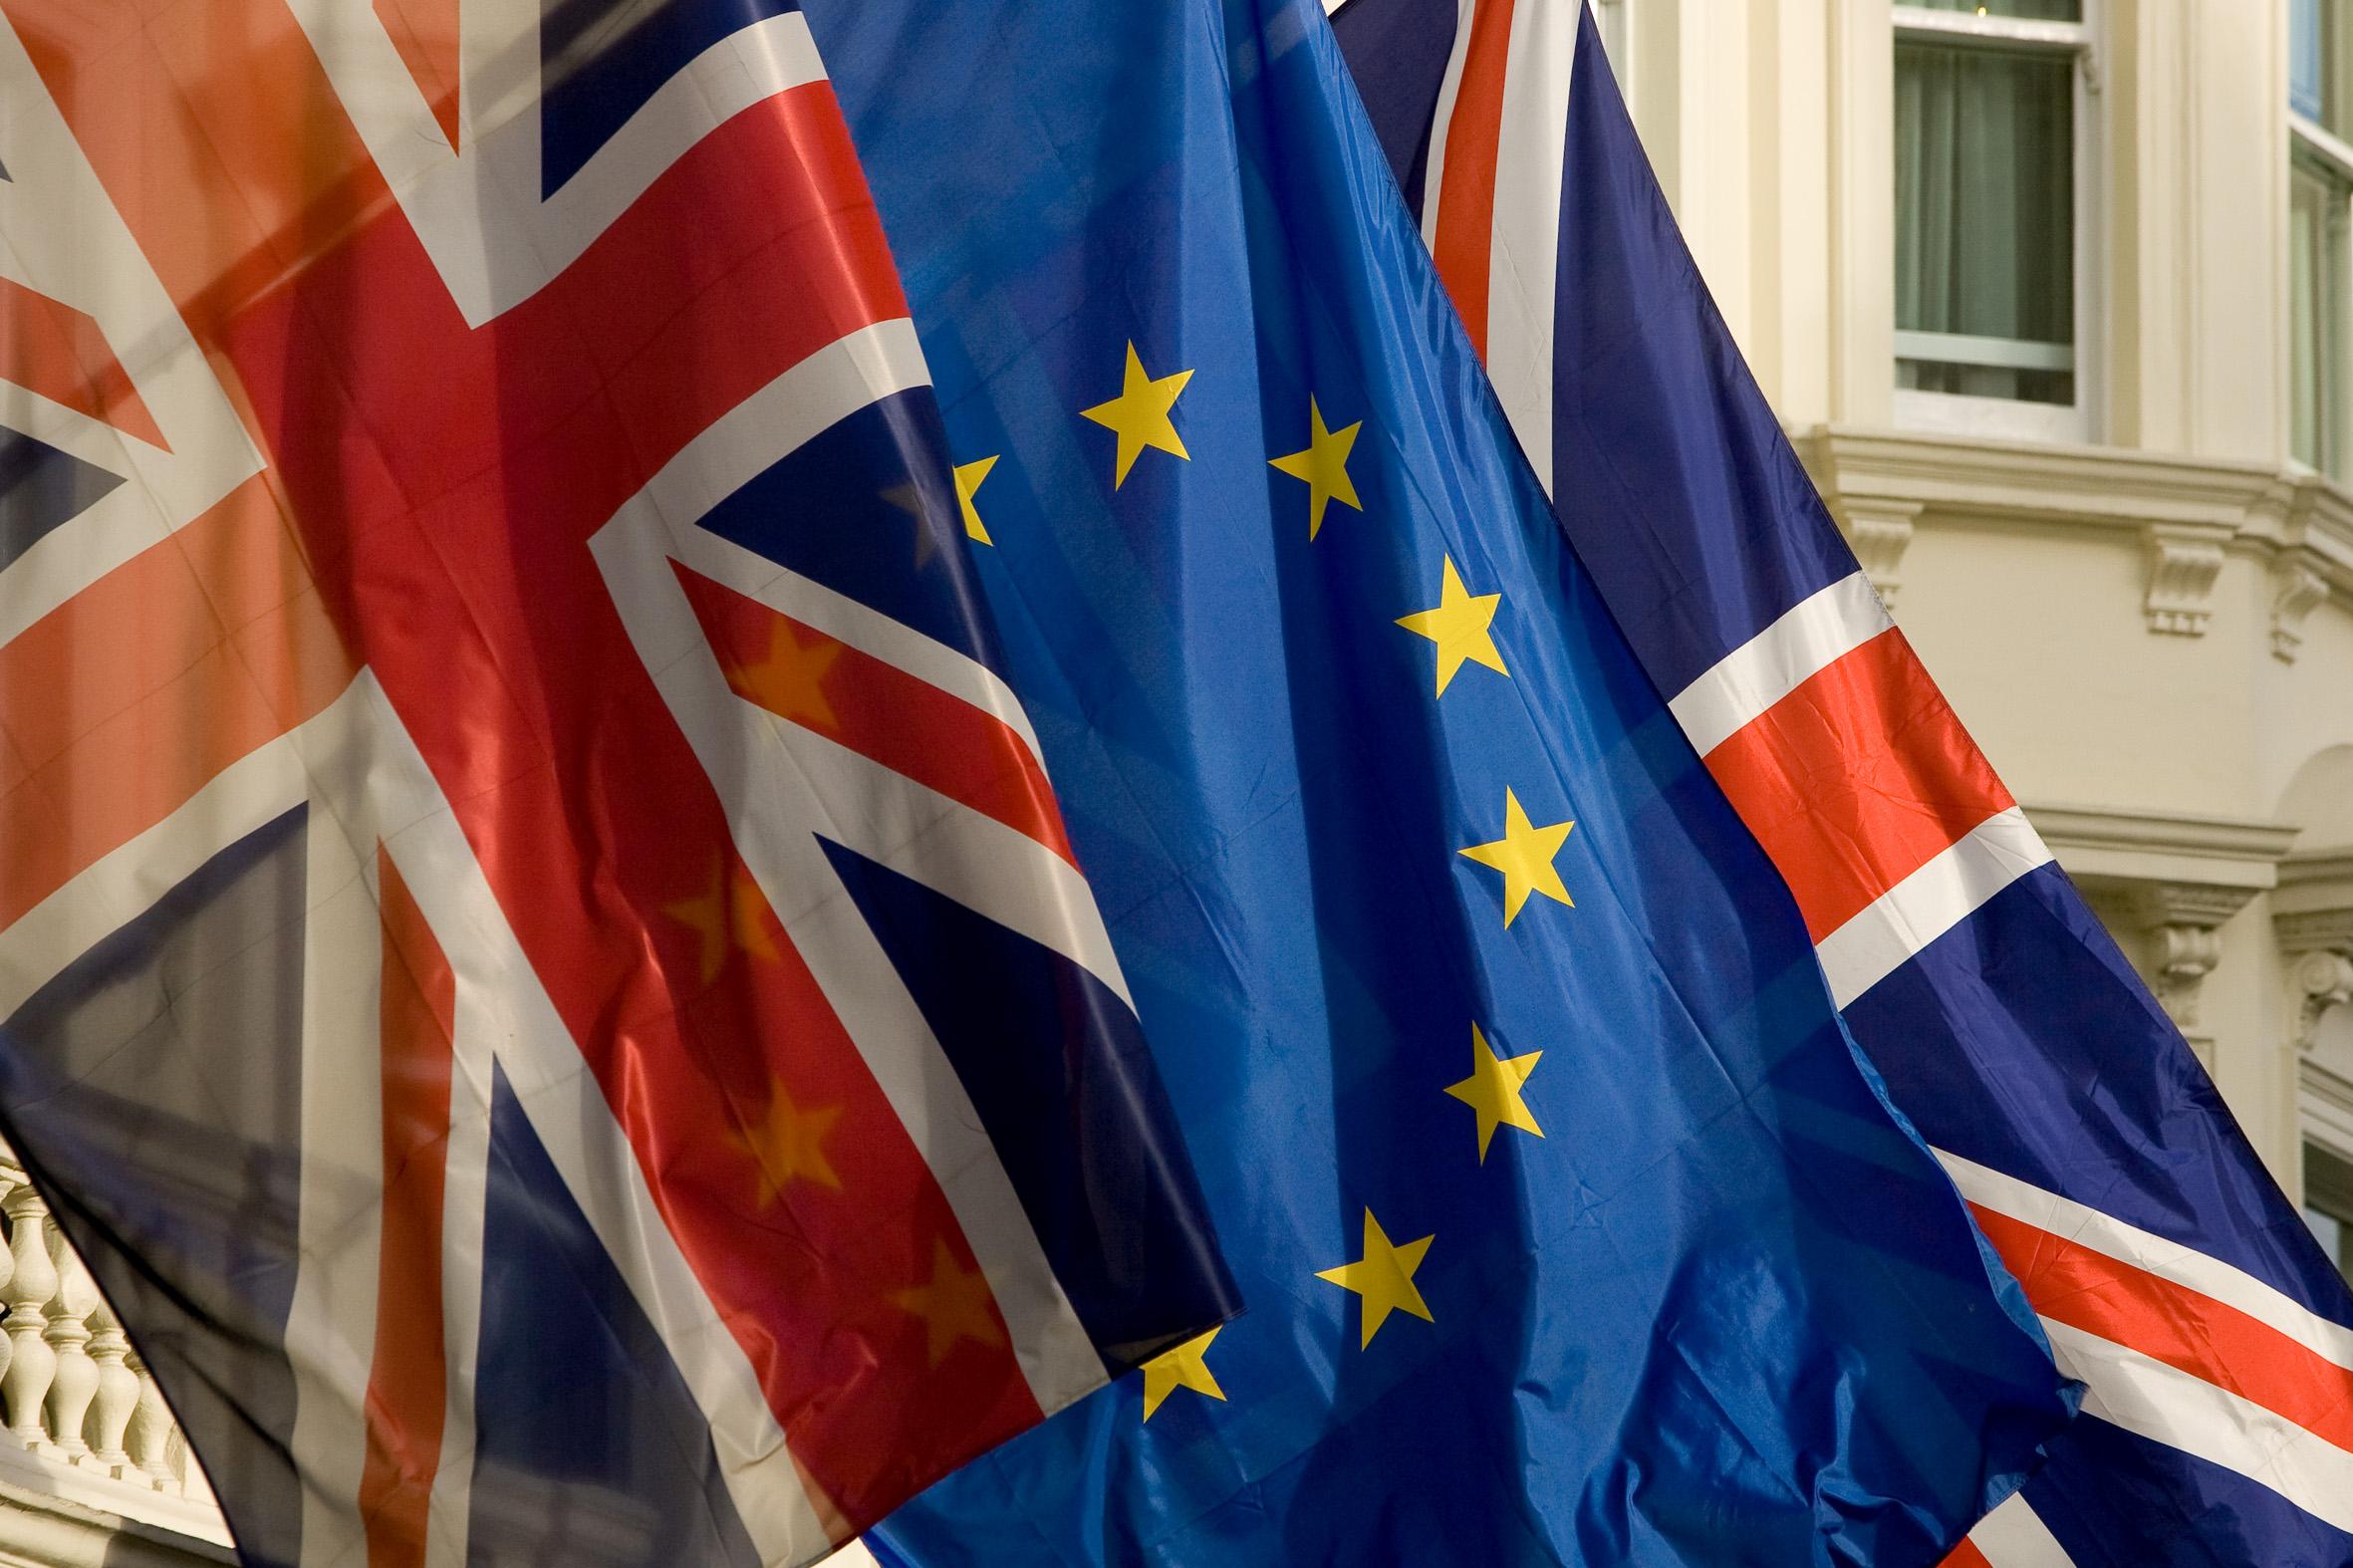 EU_and_UK_flags